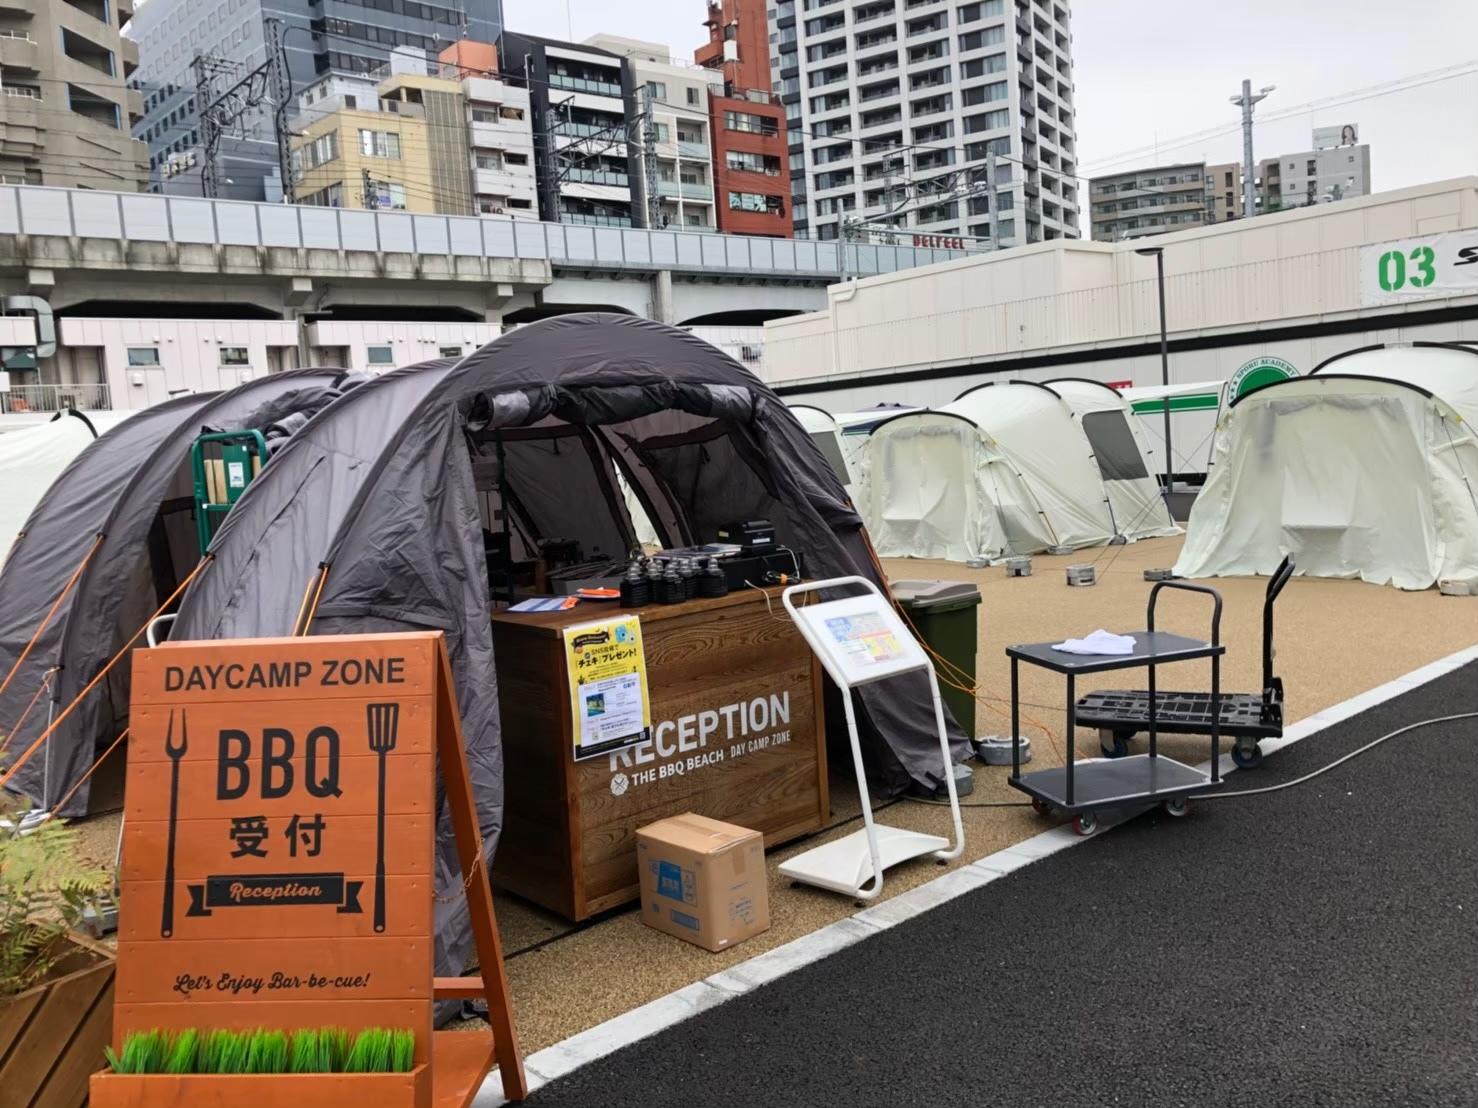 THE BBQ BEACH スポル品川大井町